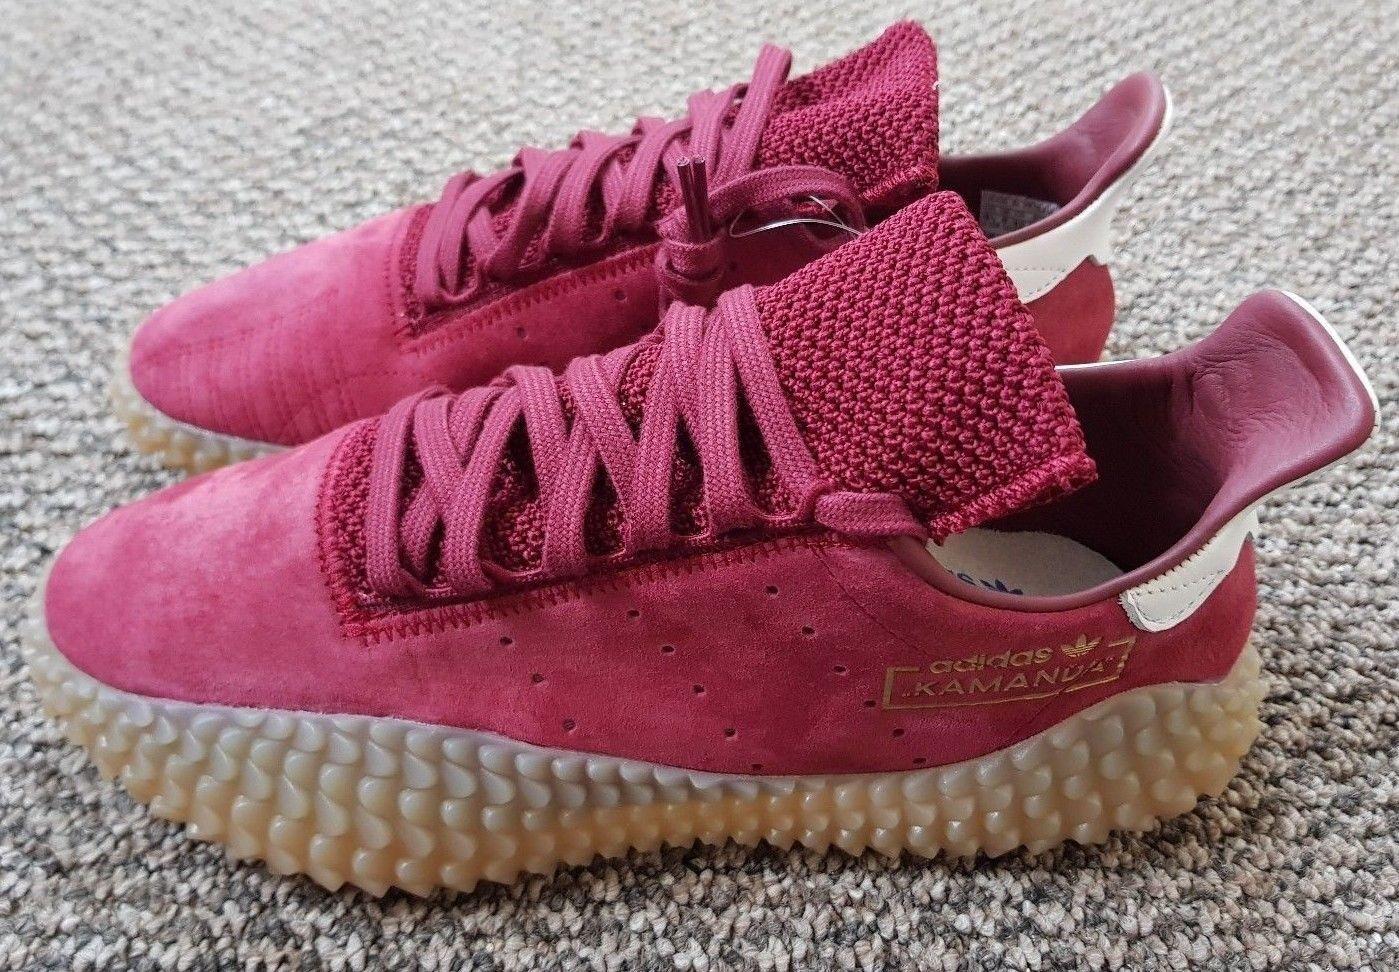 Adidas Originals Kamanda scarpe da ginnastica Borgogna Rosso Nuovo di Zecca